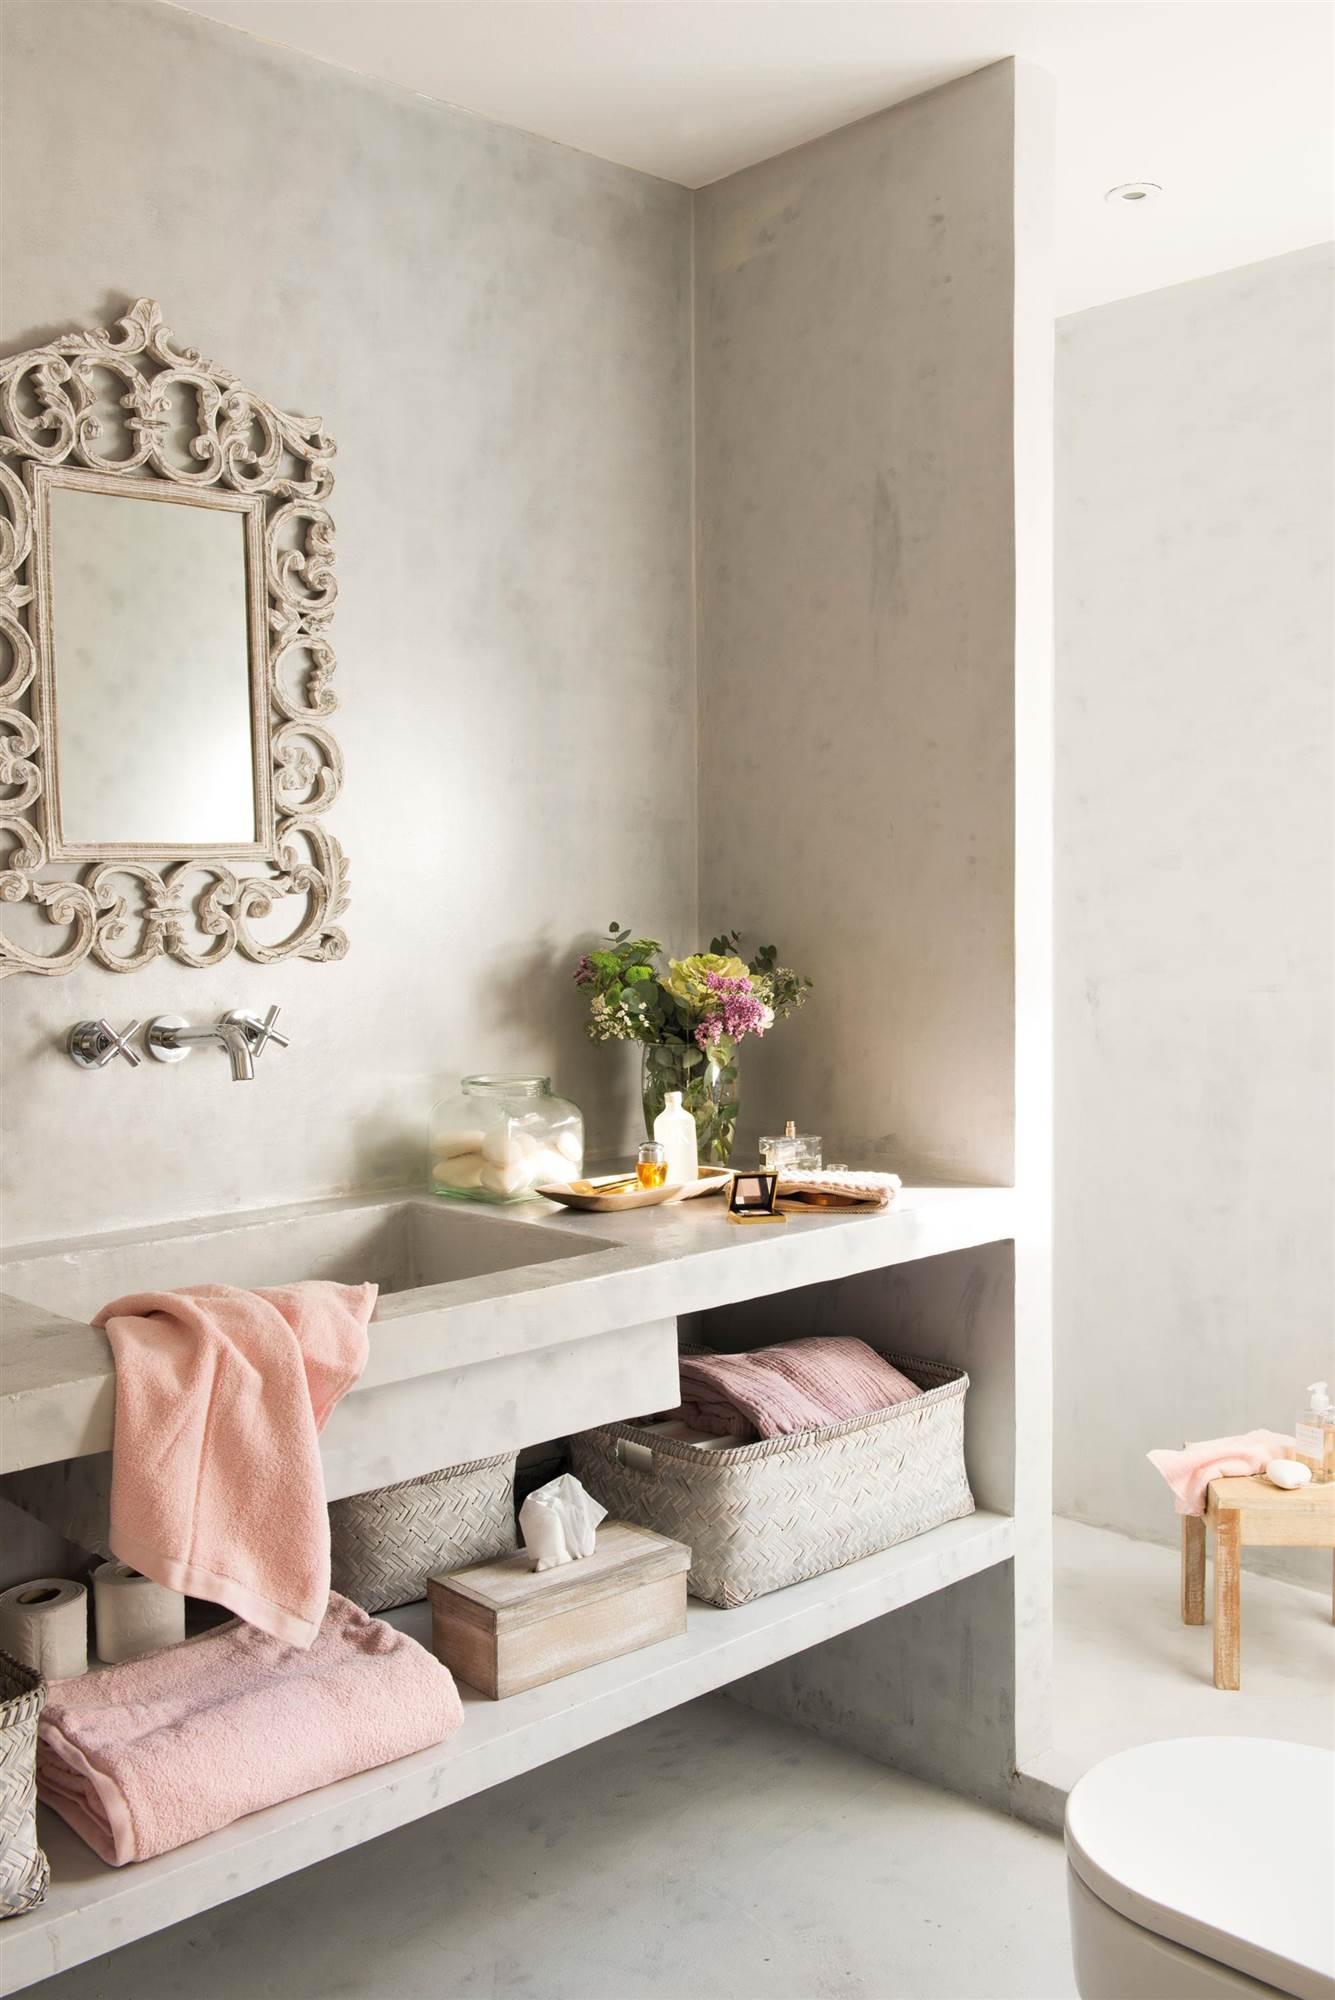 Accesorios pr cticos y decorativos para el ba o for Accesorios para decorar banos pequenos